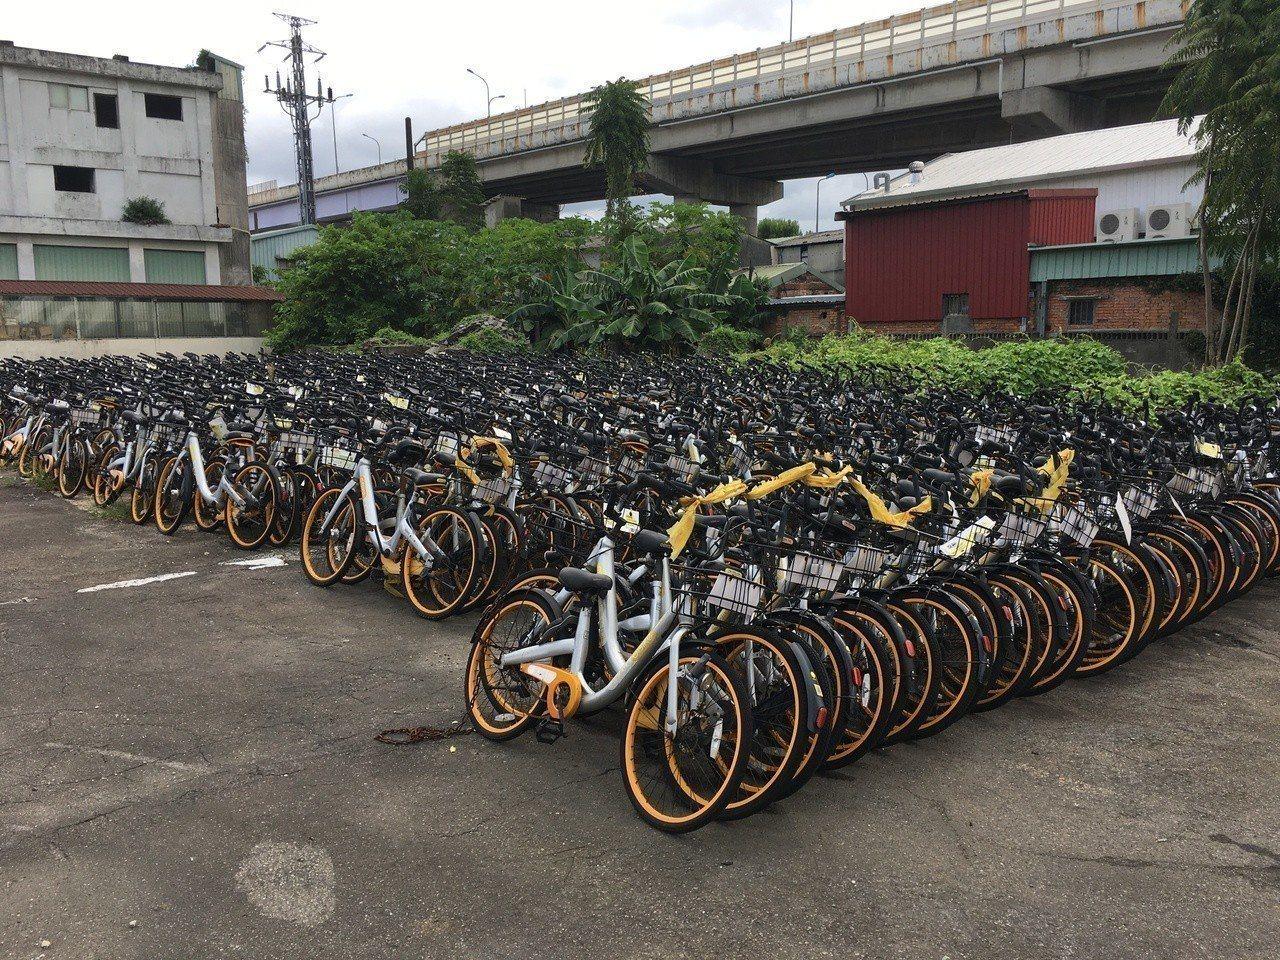 台大水源校區腳踏車拖吊放置場停放上百輛的oBike。本報資料照片